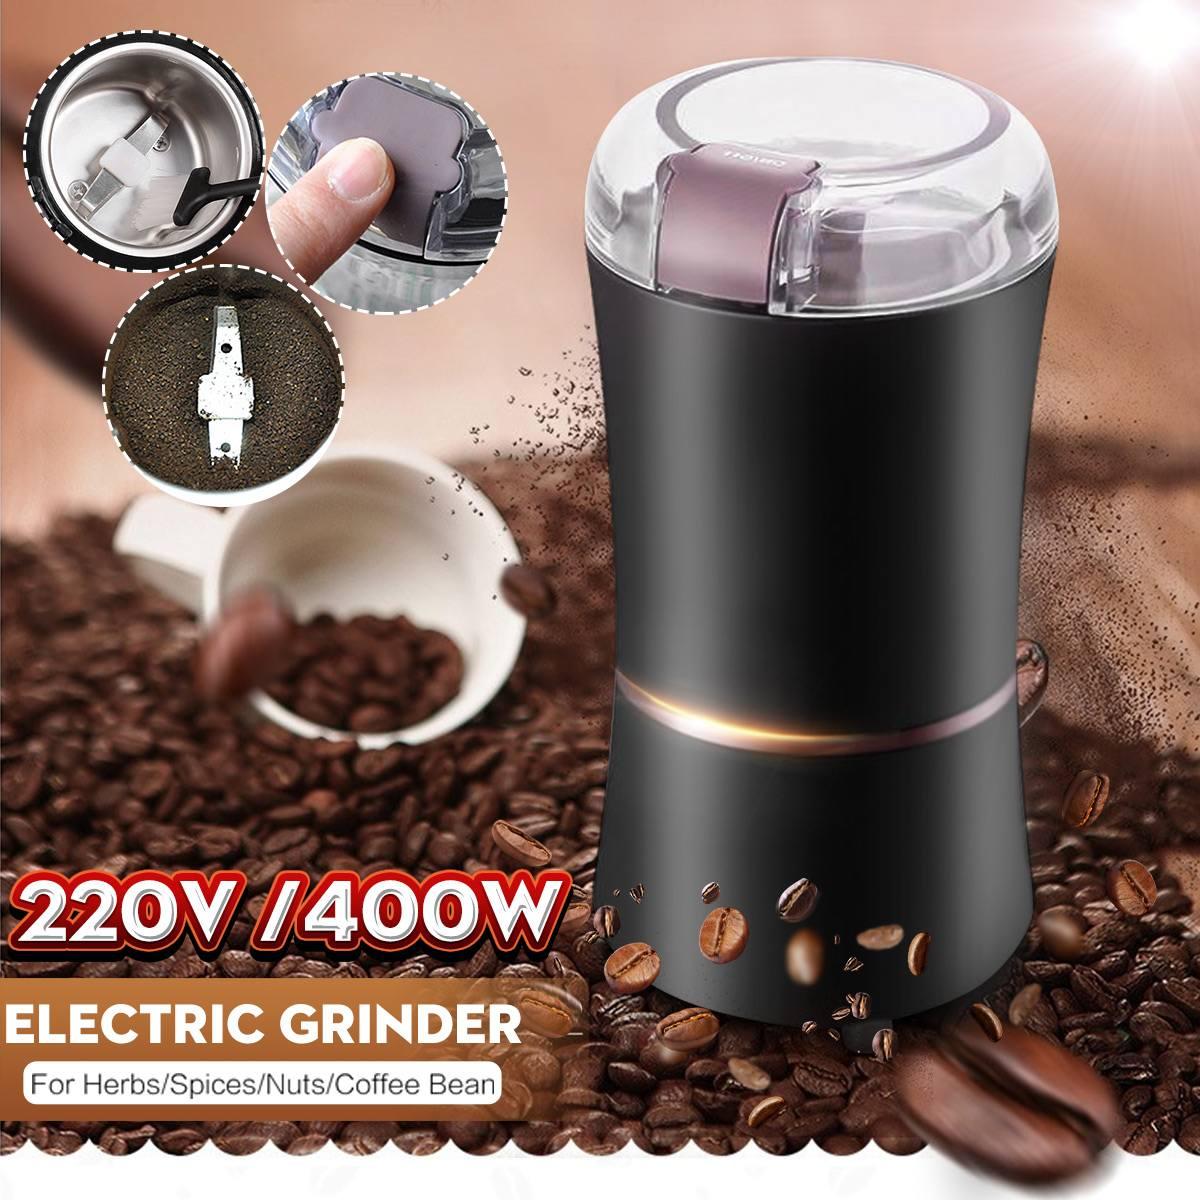 Poderosa 220V 400W Máquina de Feijão Moedor de Café Elétrico Liquidificadores Para Cozinha Home Office Uso Doméstico Cafeteira/especiarias/Porca/Semente